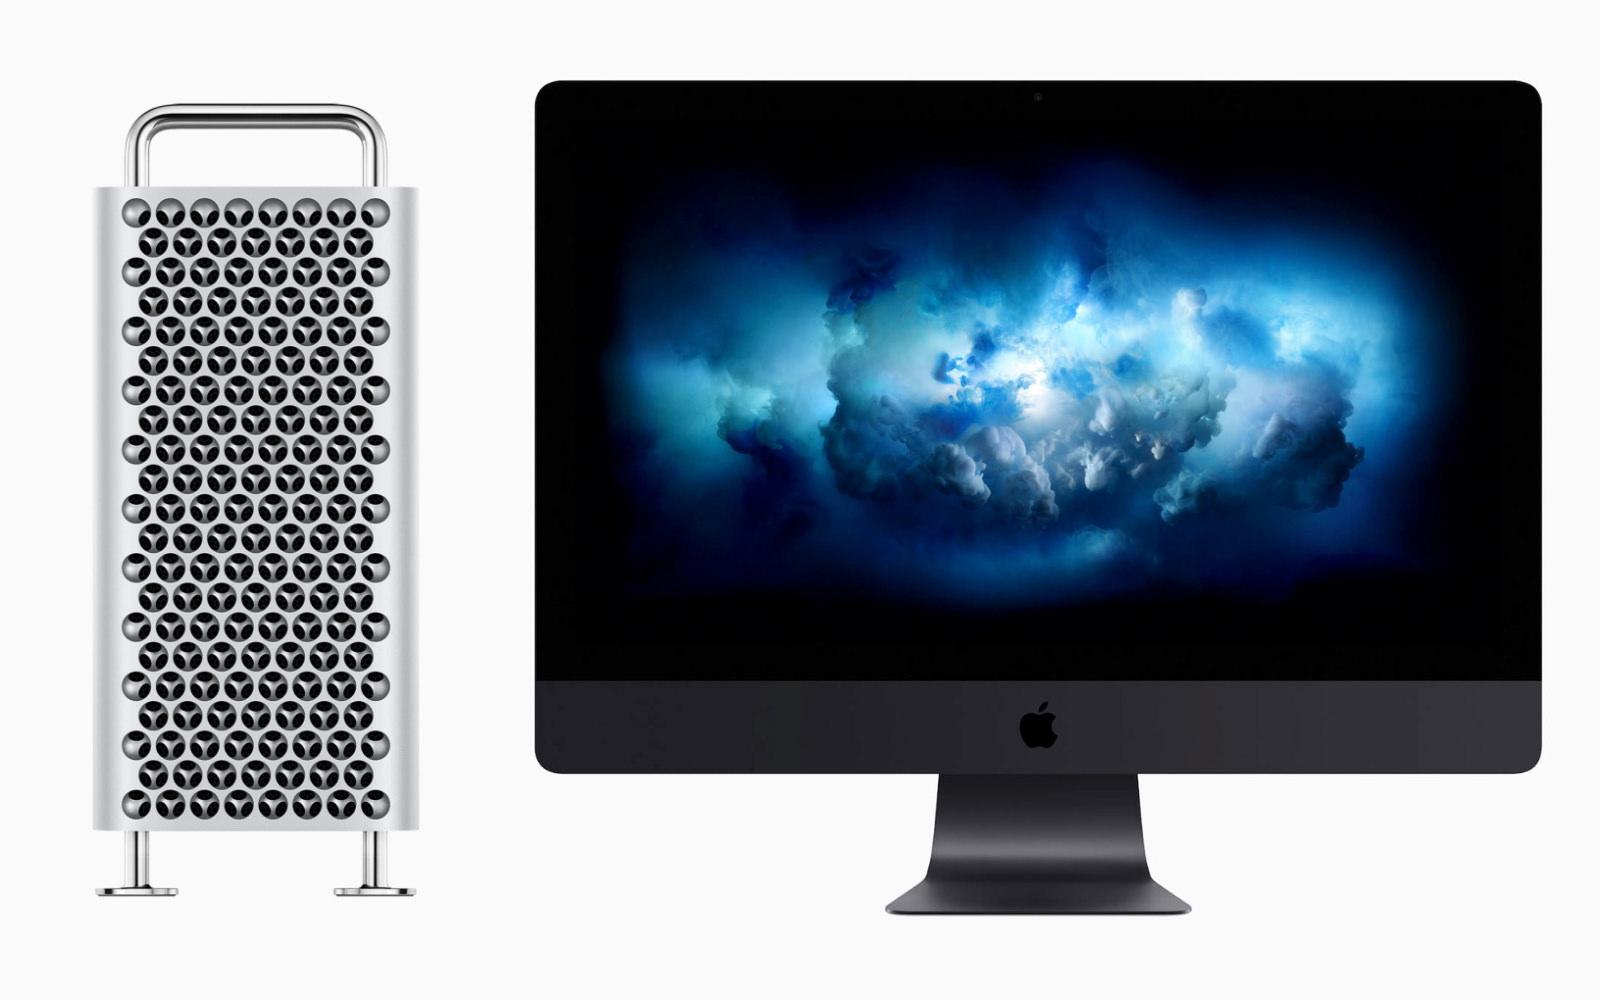 MacPro and iMacPro